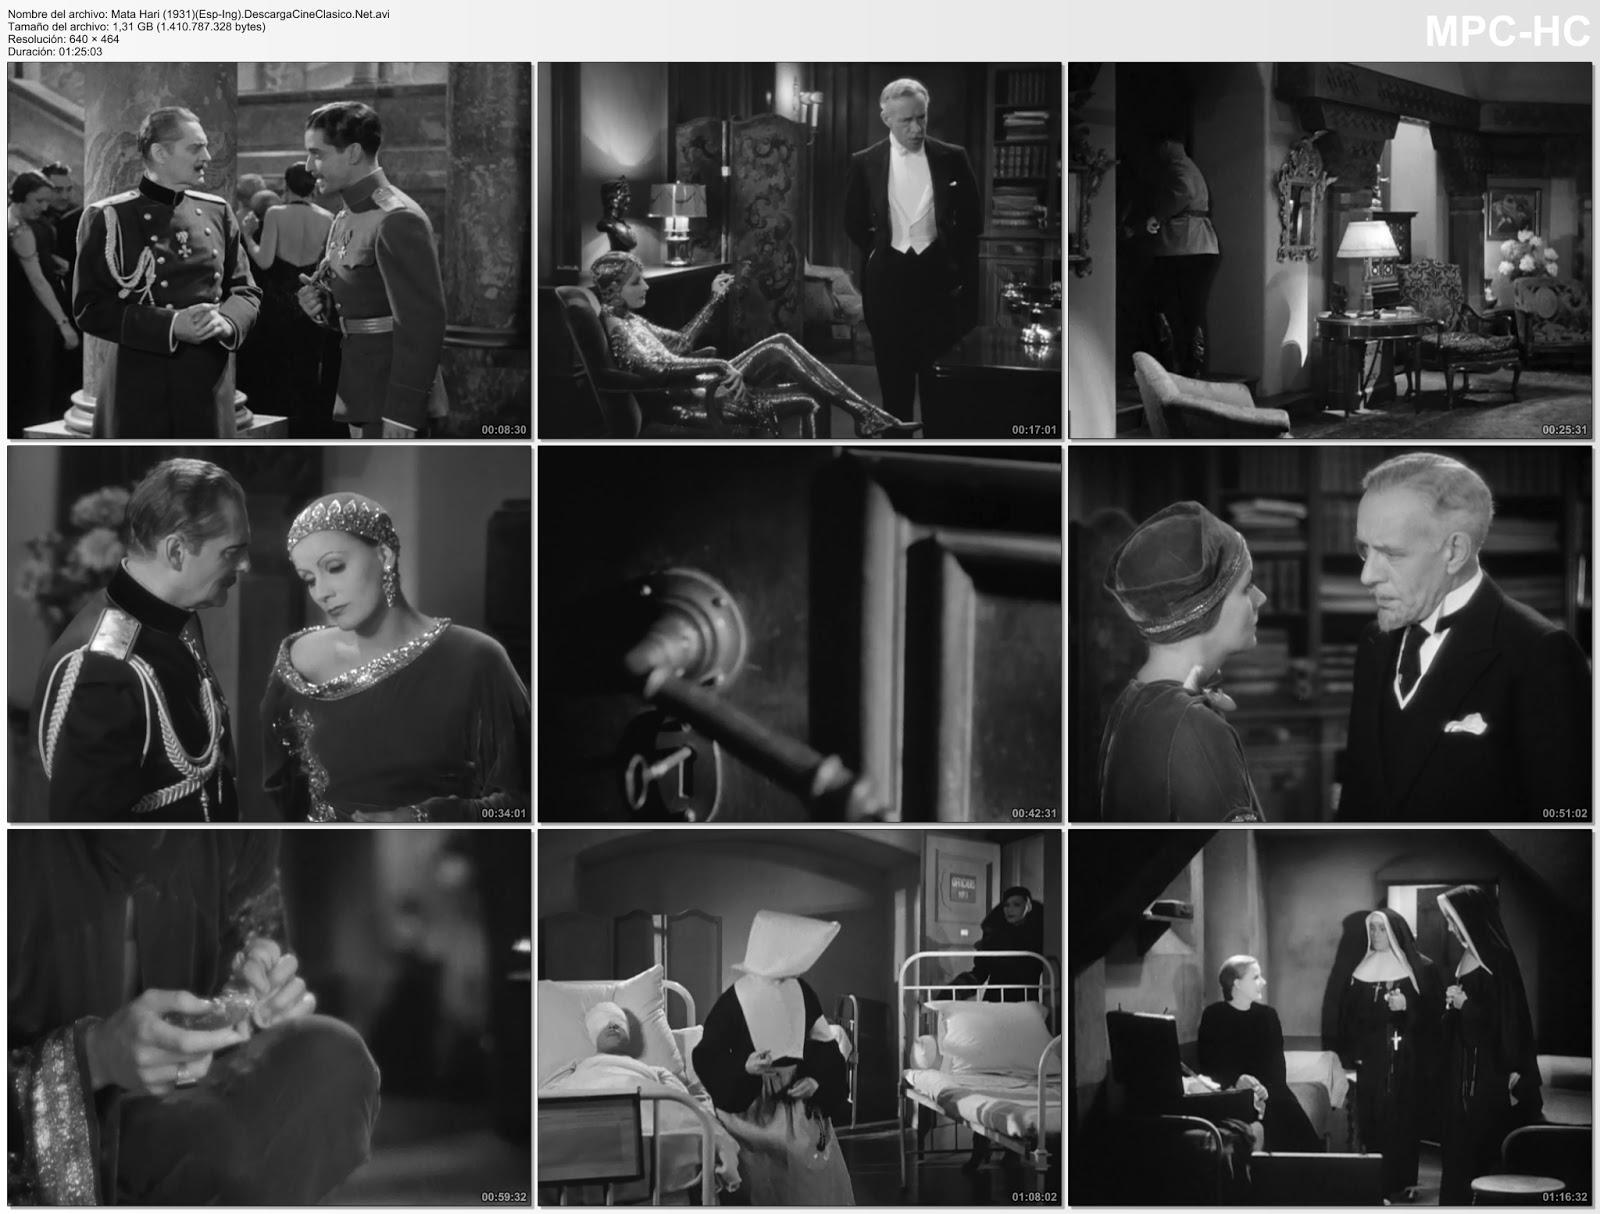 Mata hari pelicula 1931 online dating 10